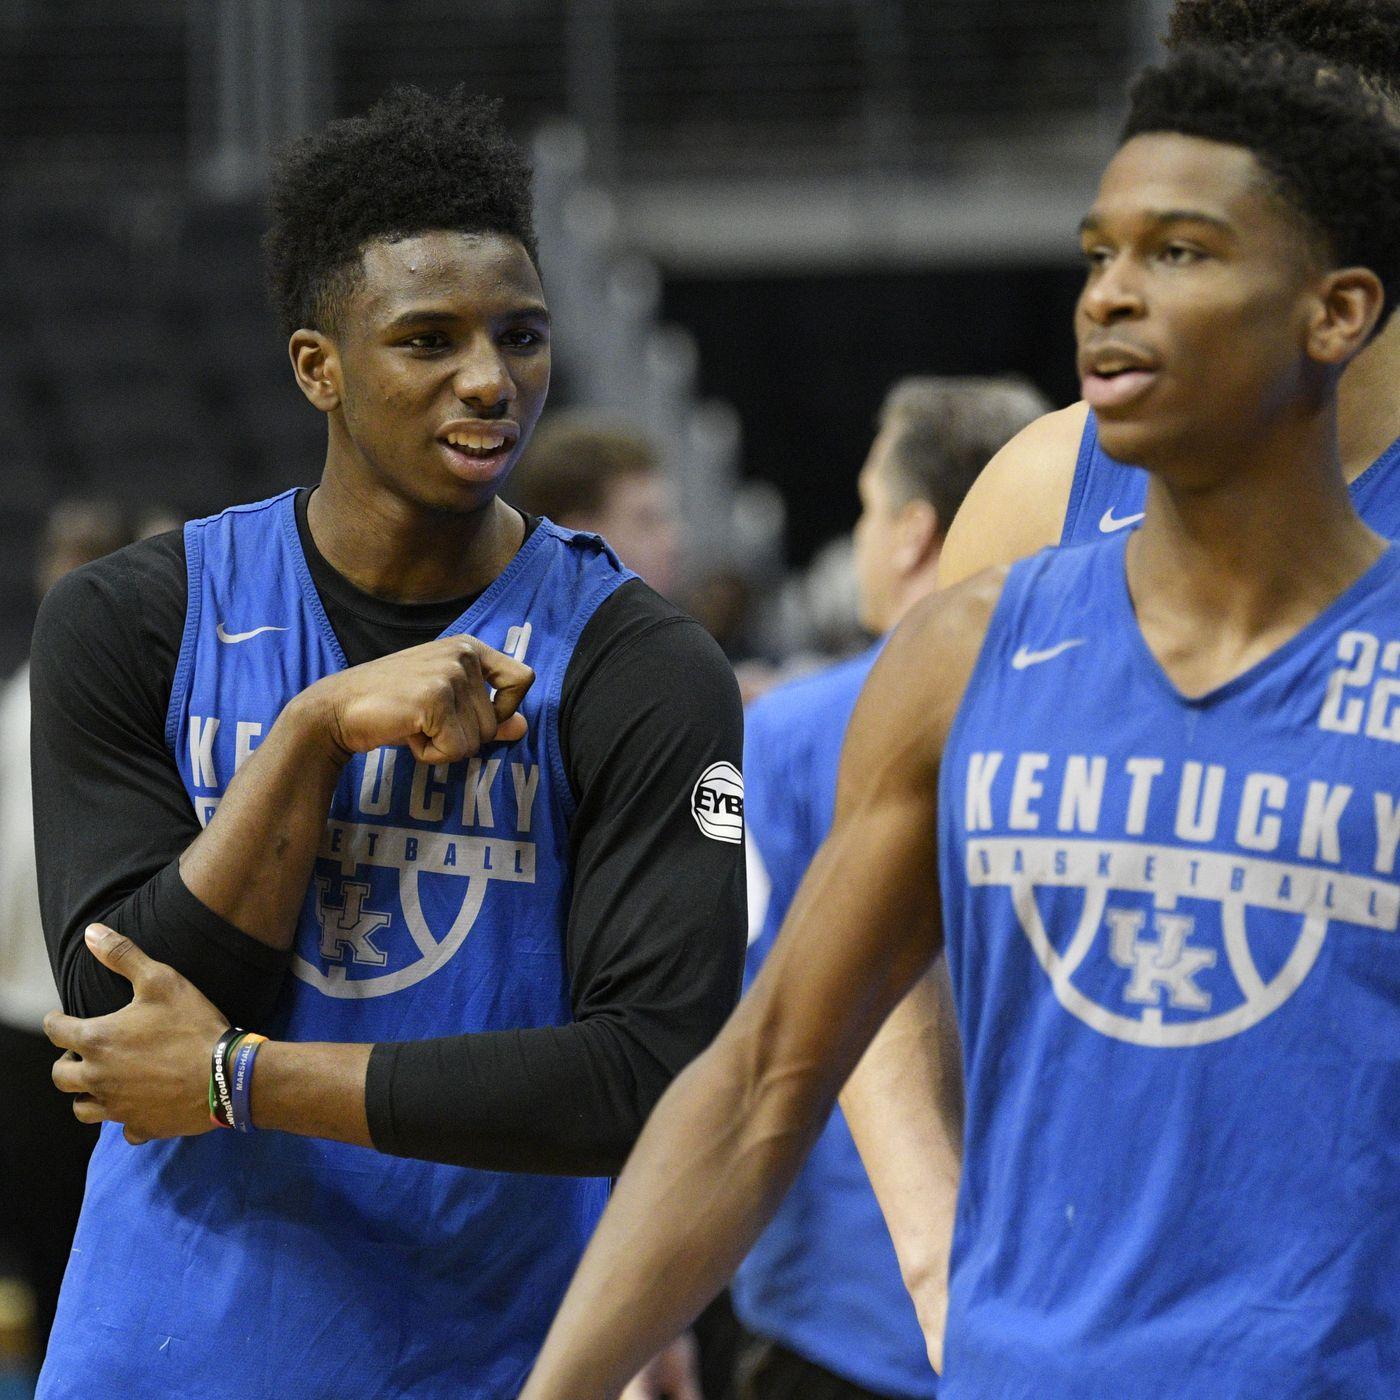 Kentucky Basketball vs K-State Wildcats: Odds, expert picks